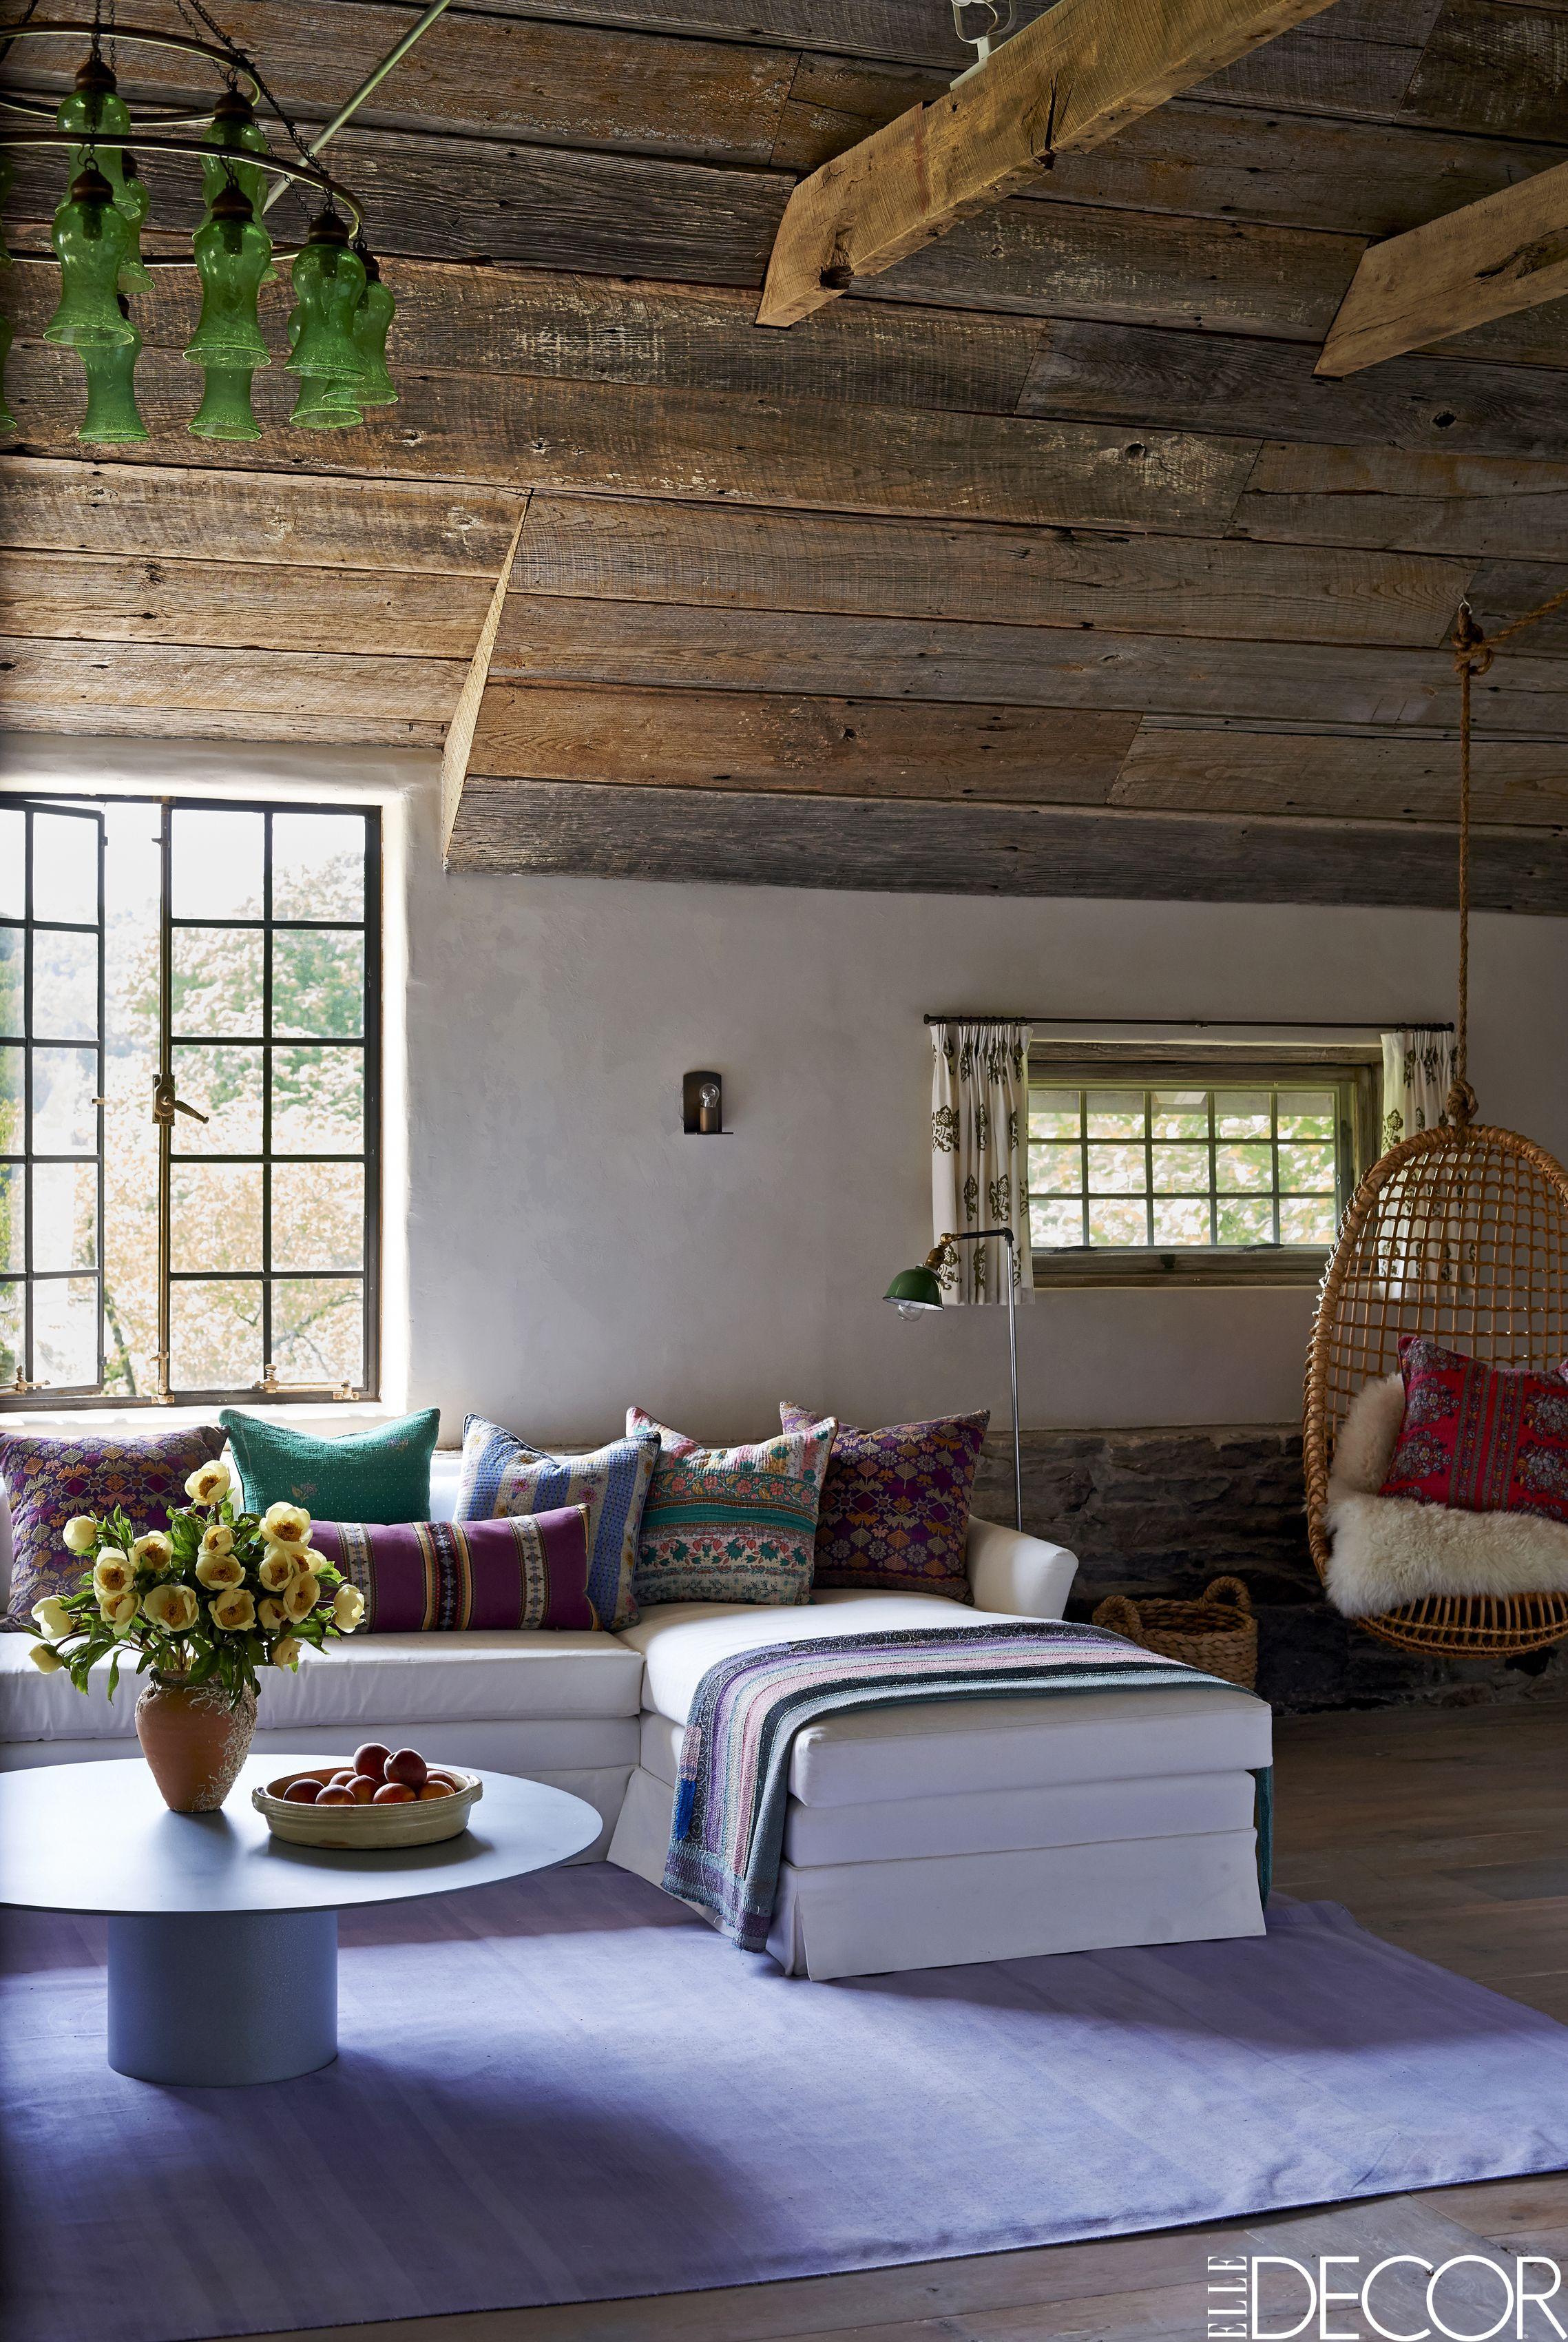 dekorieren im art deco stil luxus wohnung, 24 best white sofa ideas - living room decorating ideas for white sofas, Design ideen